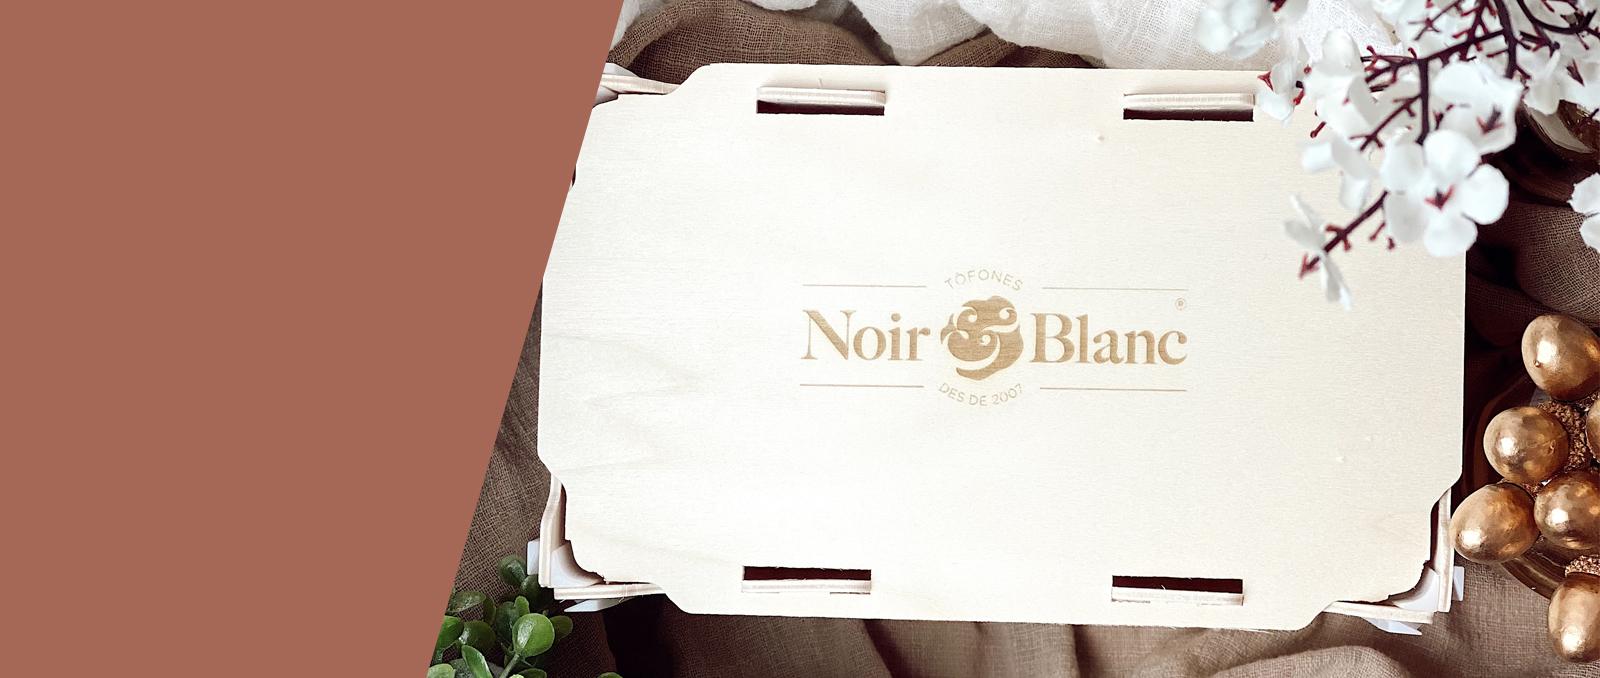 NOIR&BLANC_BANNER_PACKS